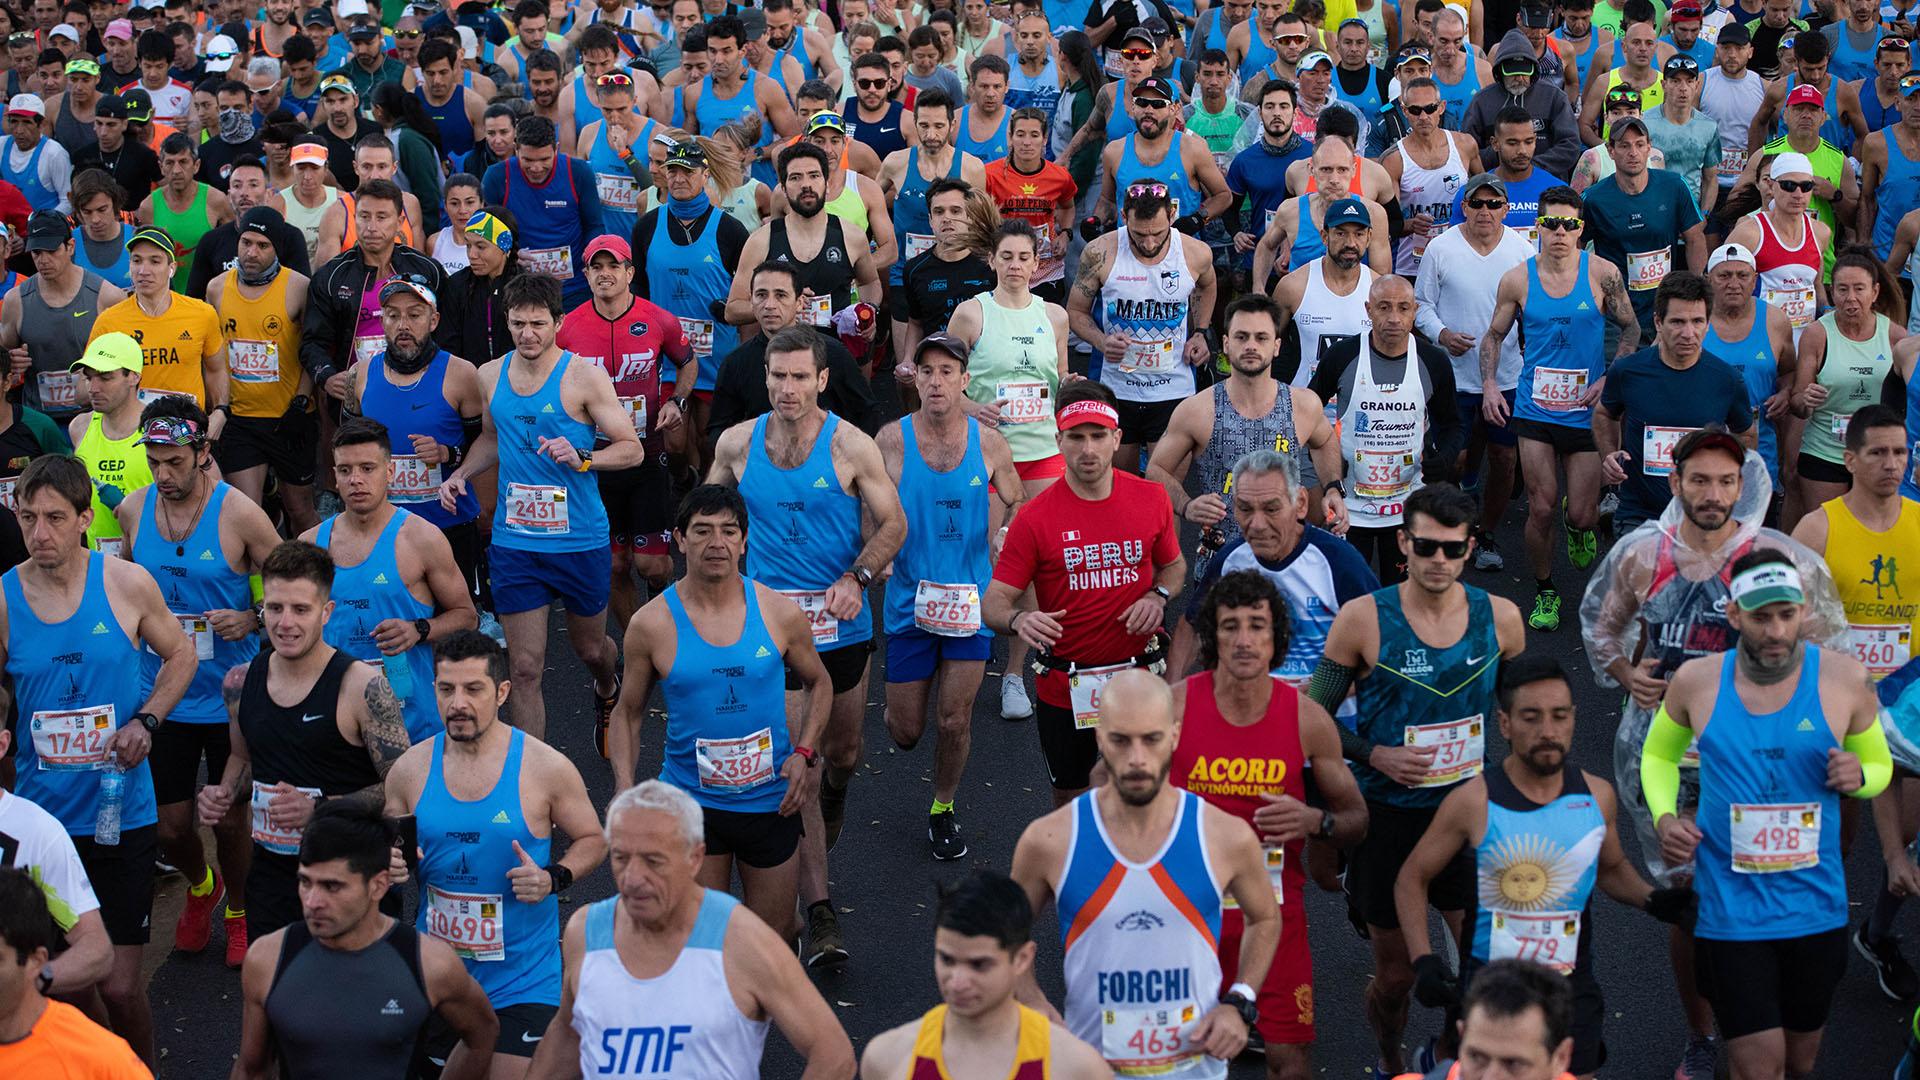 Se superó la cantidad de participantes respecto a la edición 2018 aunque no se llegaron a alcanzar los récords históricos